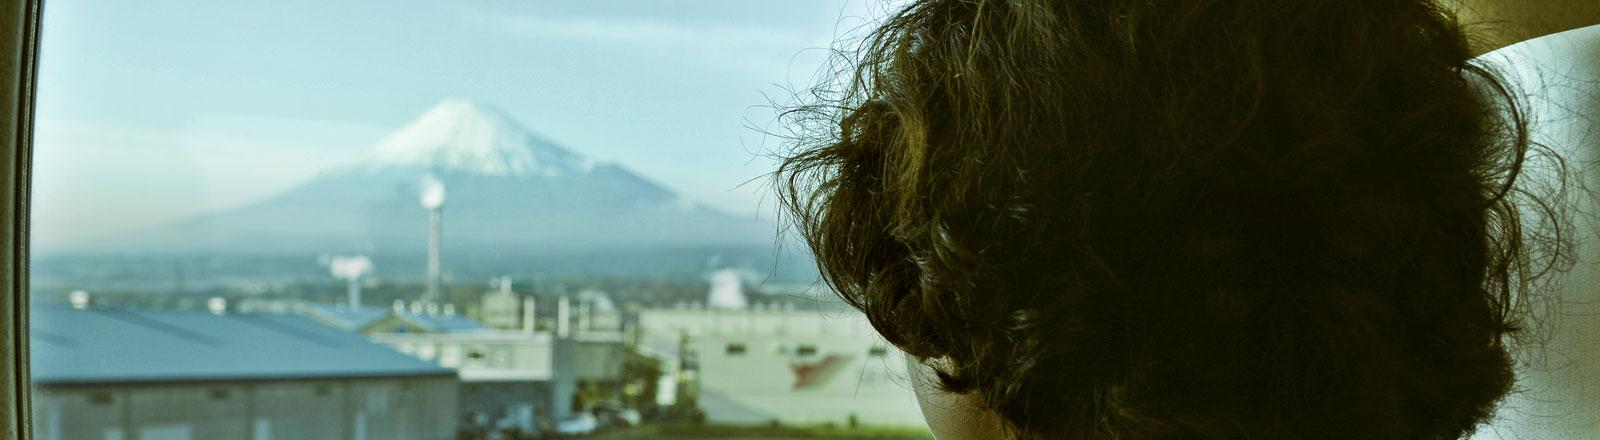 Eine Frau blickt aus einem Flugzeugfenster auf den Fuji-Berg in Japan.